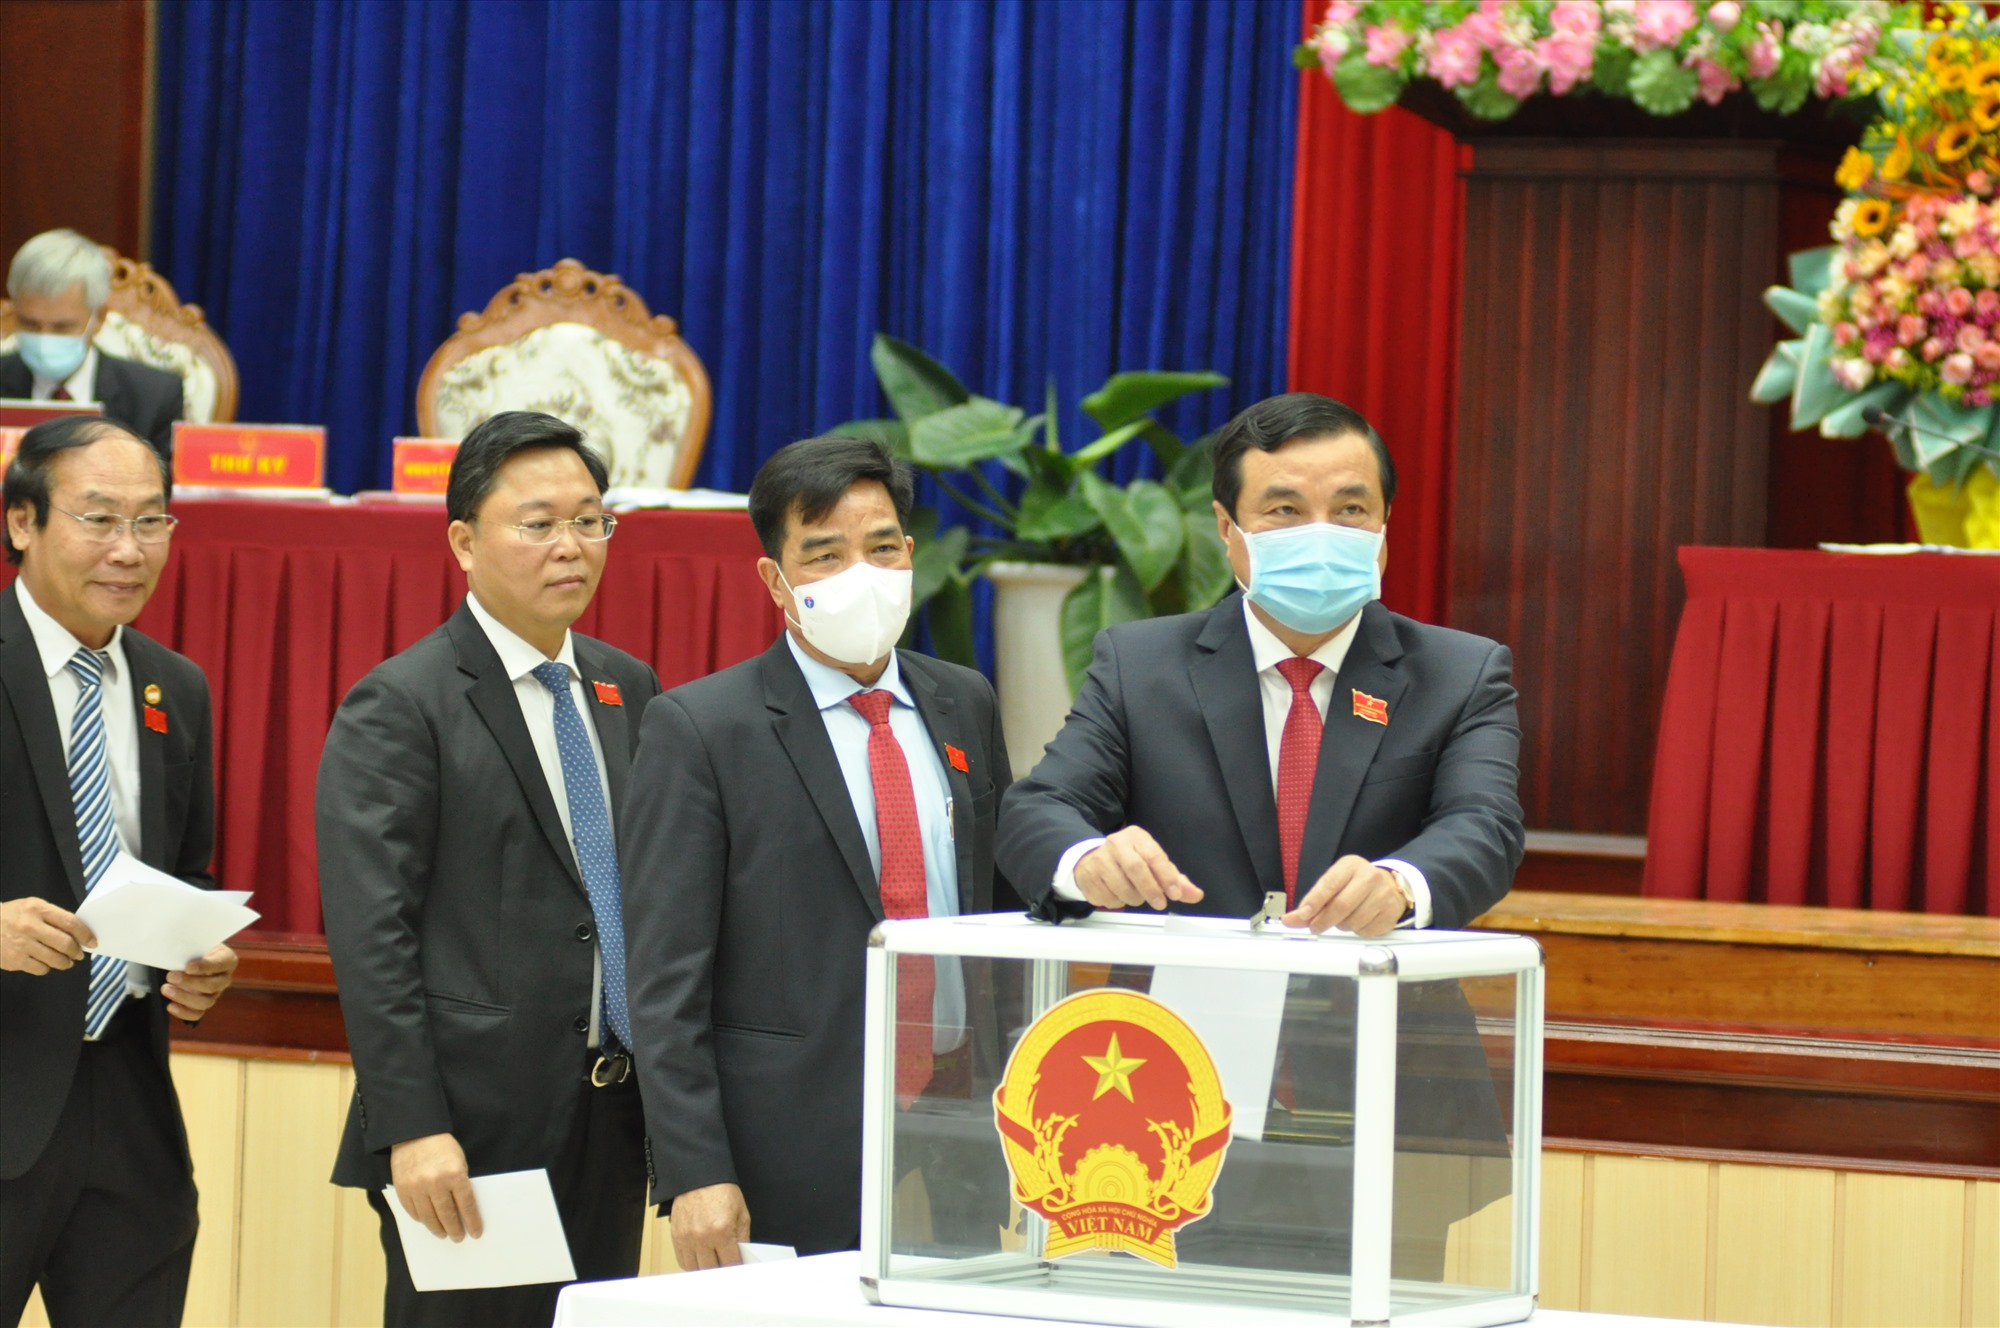 Đại biểu HĐND tỉnh bỏ phiếu bầu chức danh Chủ tịch UBND tỉnh nhiệm kỳ 2021 - 2026. Ảnh: P.Đ